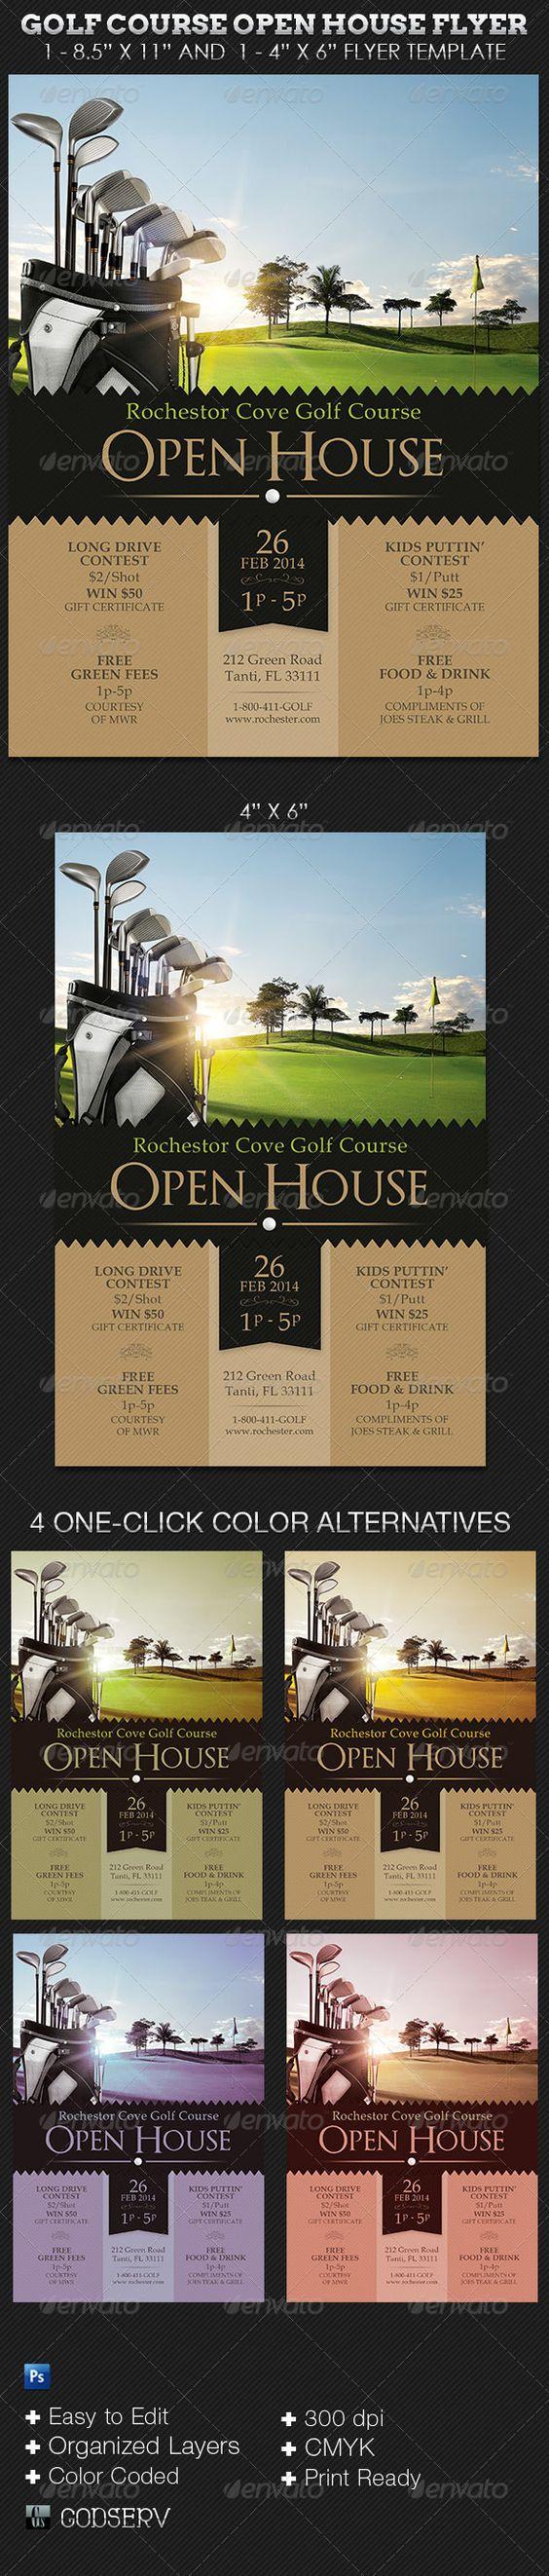 """高尔夫球场Open House Flyer Templates适用于高尔夫俱乐部或任何希望采用现代风格的复古主题来赞美其品牌的任何体育俱乐部。用于开放日,高尔夫球派对或一般活动通知。在这个包中,你会发现1  -  8.5""""x11""""和1  -  4""""x6""""Photoshop高尔夫模板文件,其中包含4种颜色选项。模板易于编辑,所有图层都有组织和颜���编码。智能对象用于某些资产以使编辑更容易。模板文件为打印就绪(文件分辨率为300 dpi,颜色模式为CMYK,并且包含最小0.125流血)。您所需要做的就是""""编辑,保存,打印""""包含的内容1  -  8.5""""x11""""Photoshop高尔夫球场Open House传单模板1  -  4""""x6""""Photoshop Gol"""